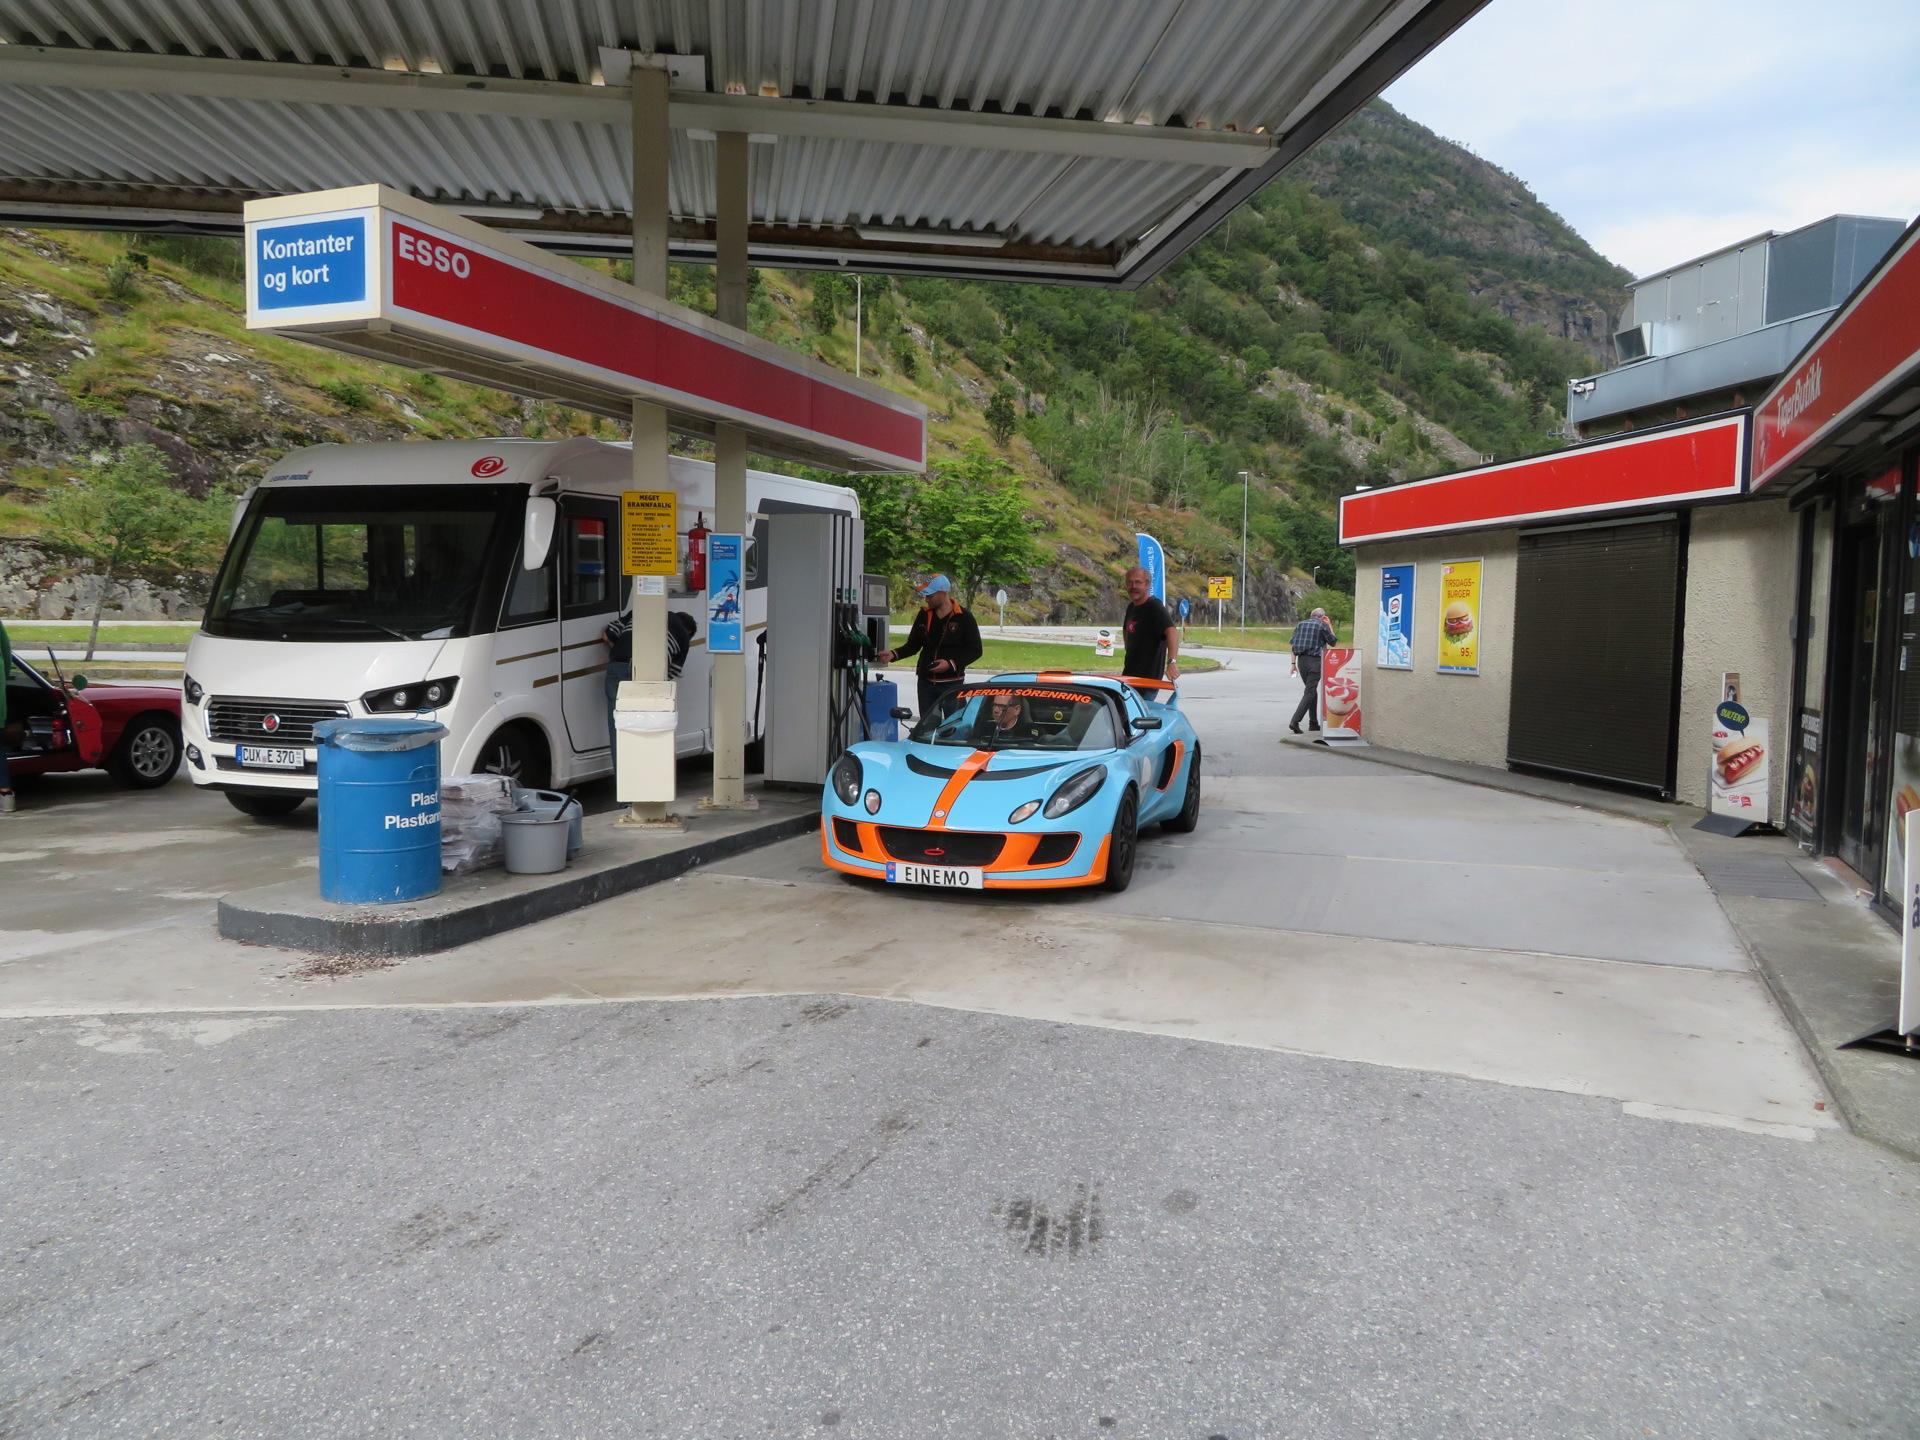 Drivstoff og samling før kjøretur (1).JPG